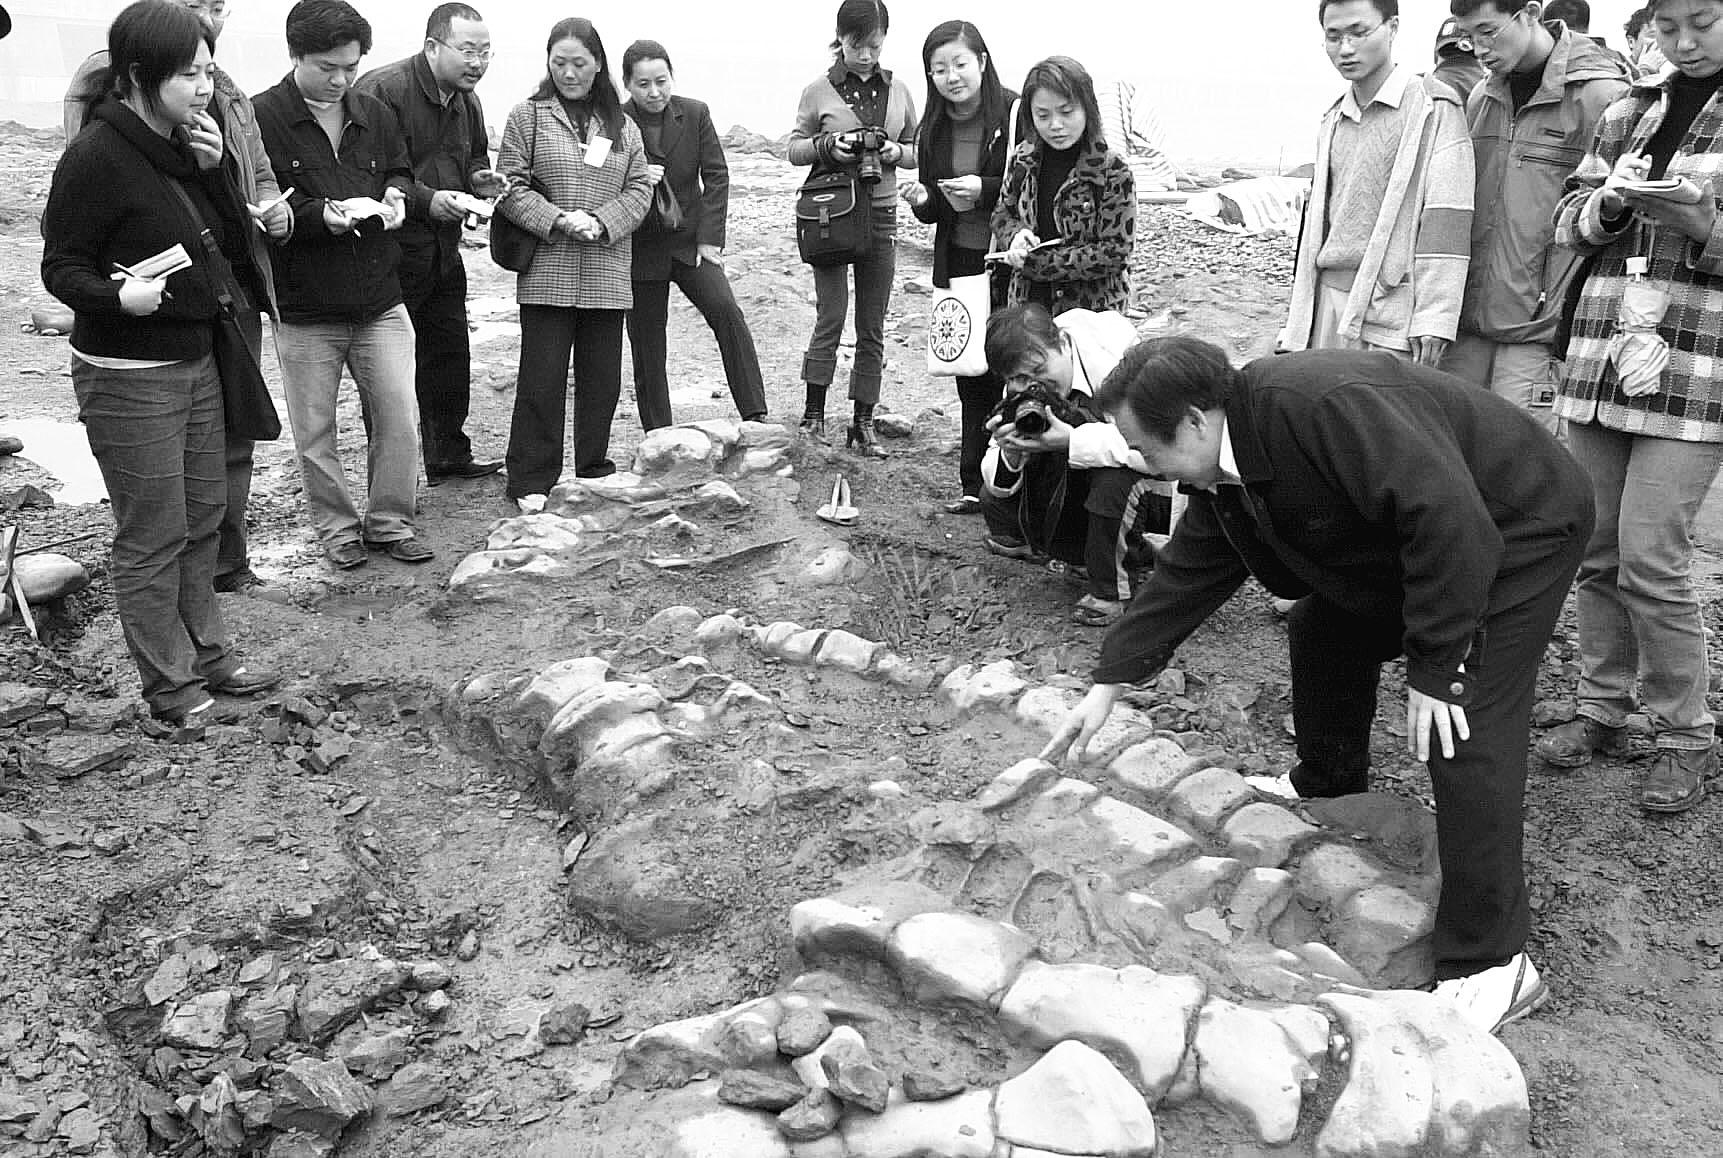 图注:在四川发现的马门溪龙化石,图片来自网络